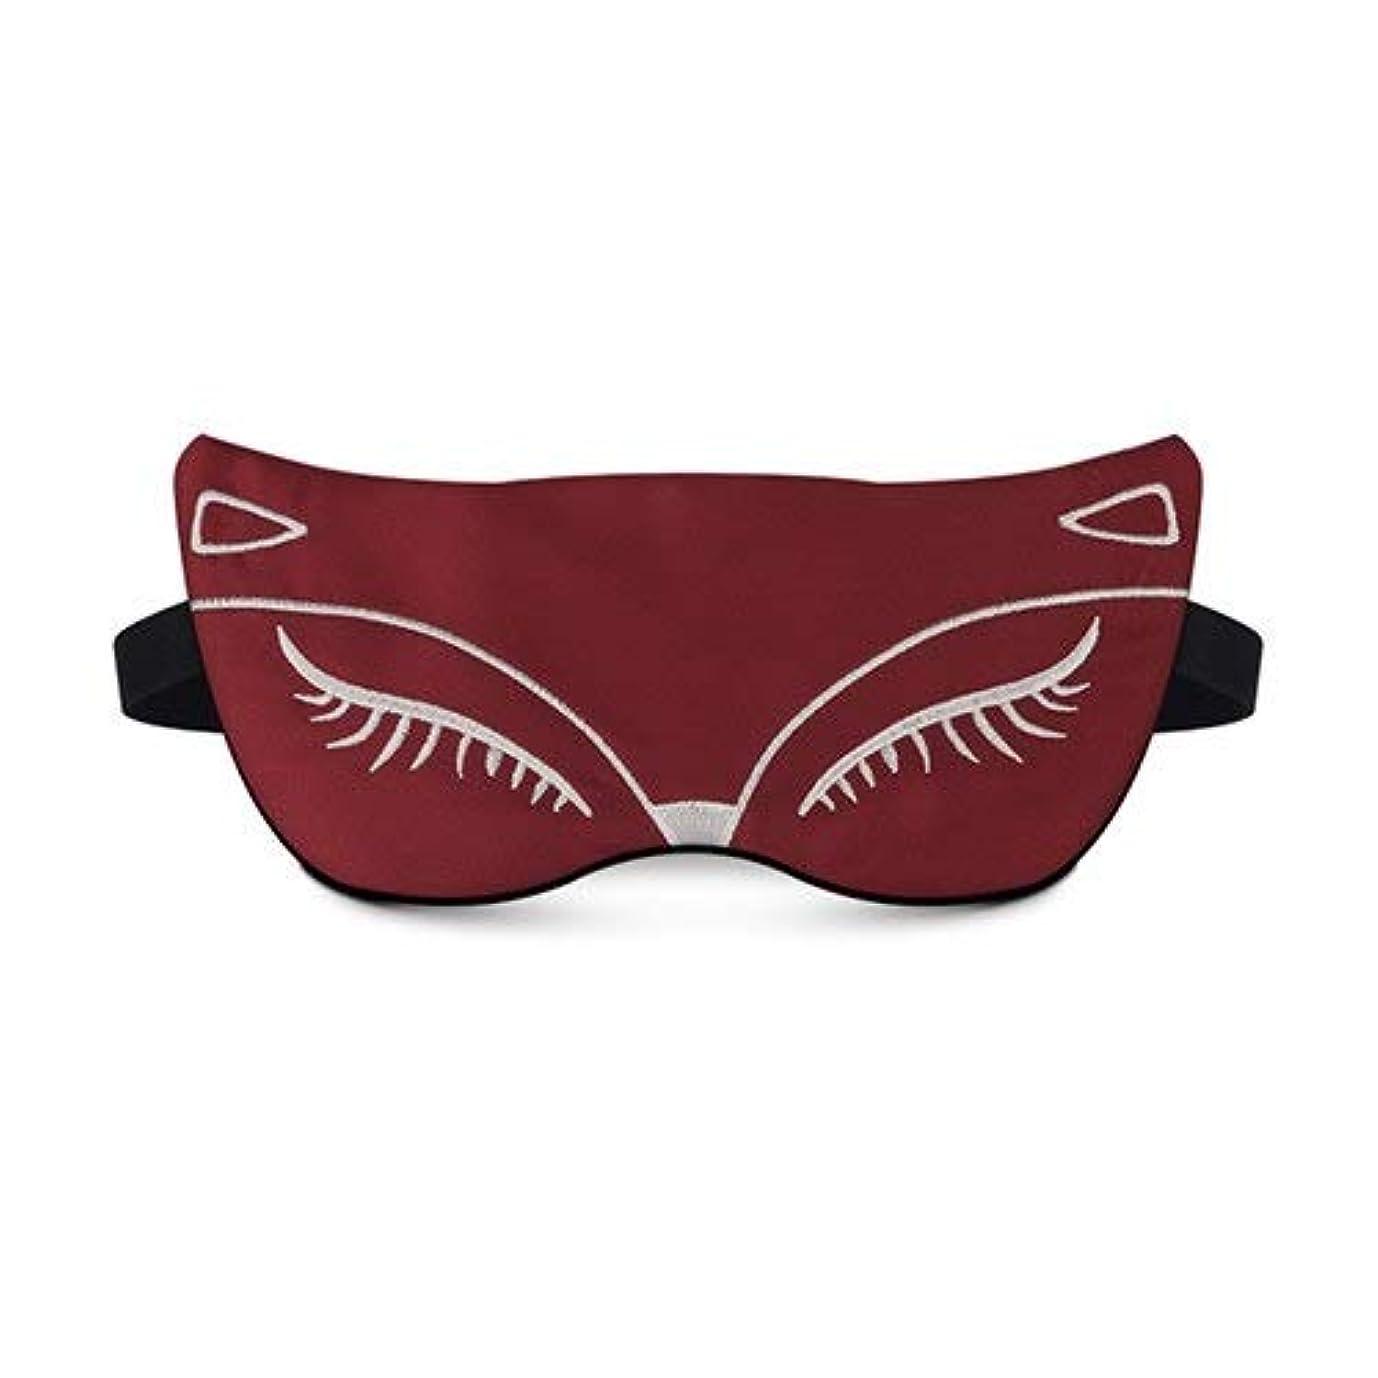 リズミカルなヒント呼ぶNOTE Protableソフトスリックスリーピングマスクアイパッチアイマスクかわいいリトルフォックス刺繍ライトシェーディングクリエイティブ旅行リラックス睡眠補助